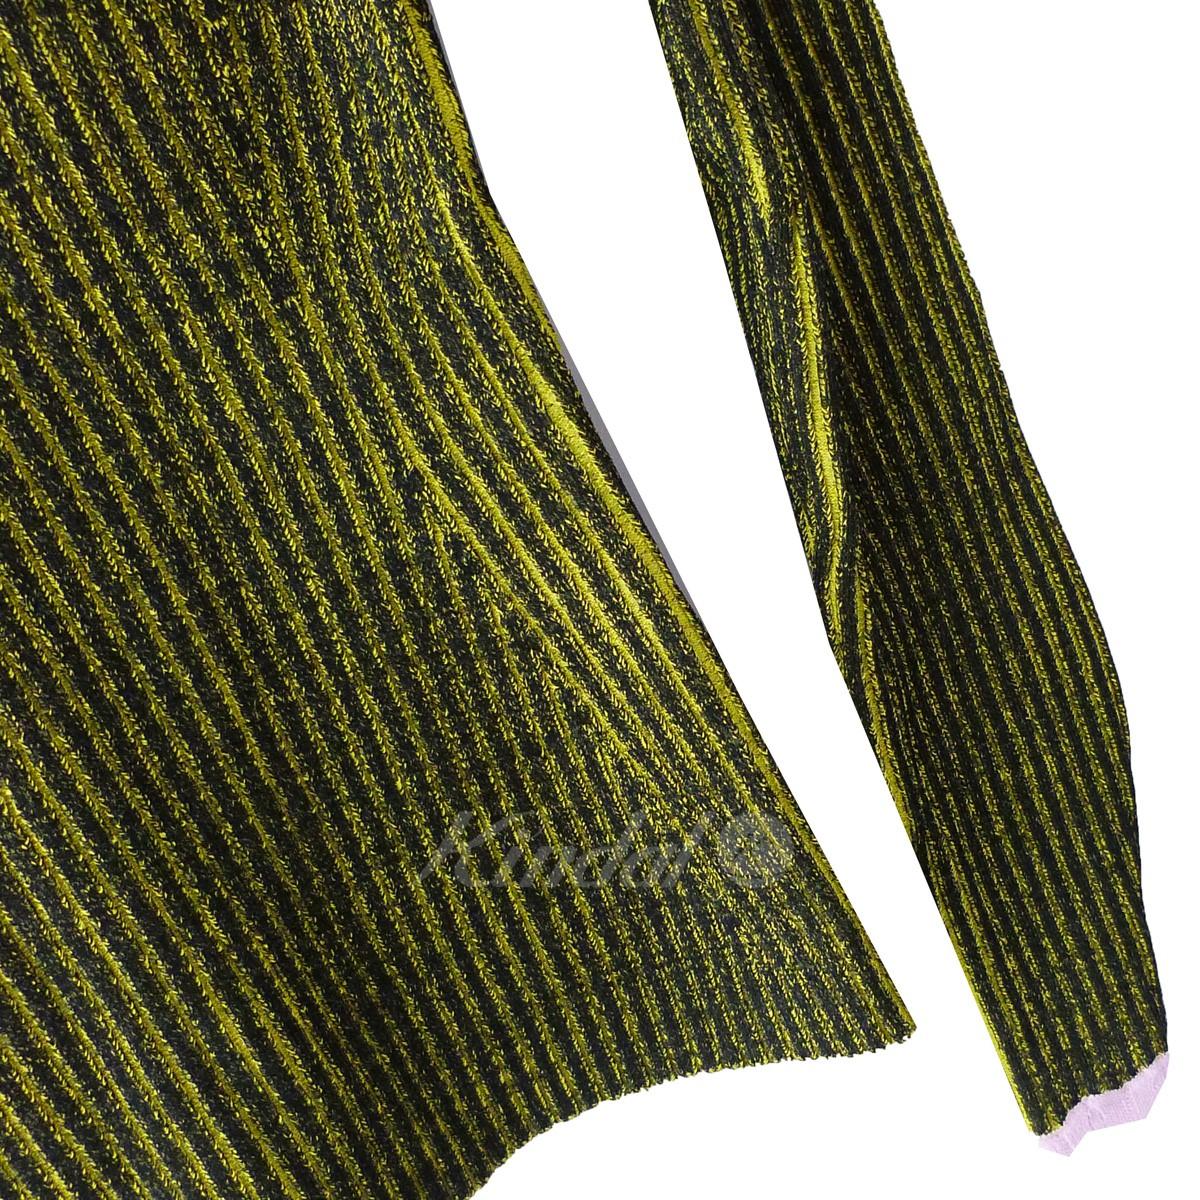 ADAM SELMAN リブニットセーター イエロー×ピンク サイズ S090220アダム・セルマンnmwvN80